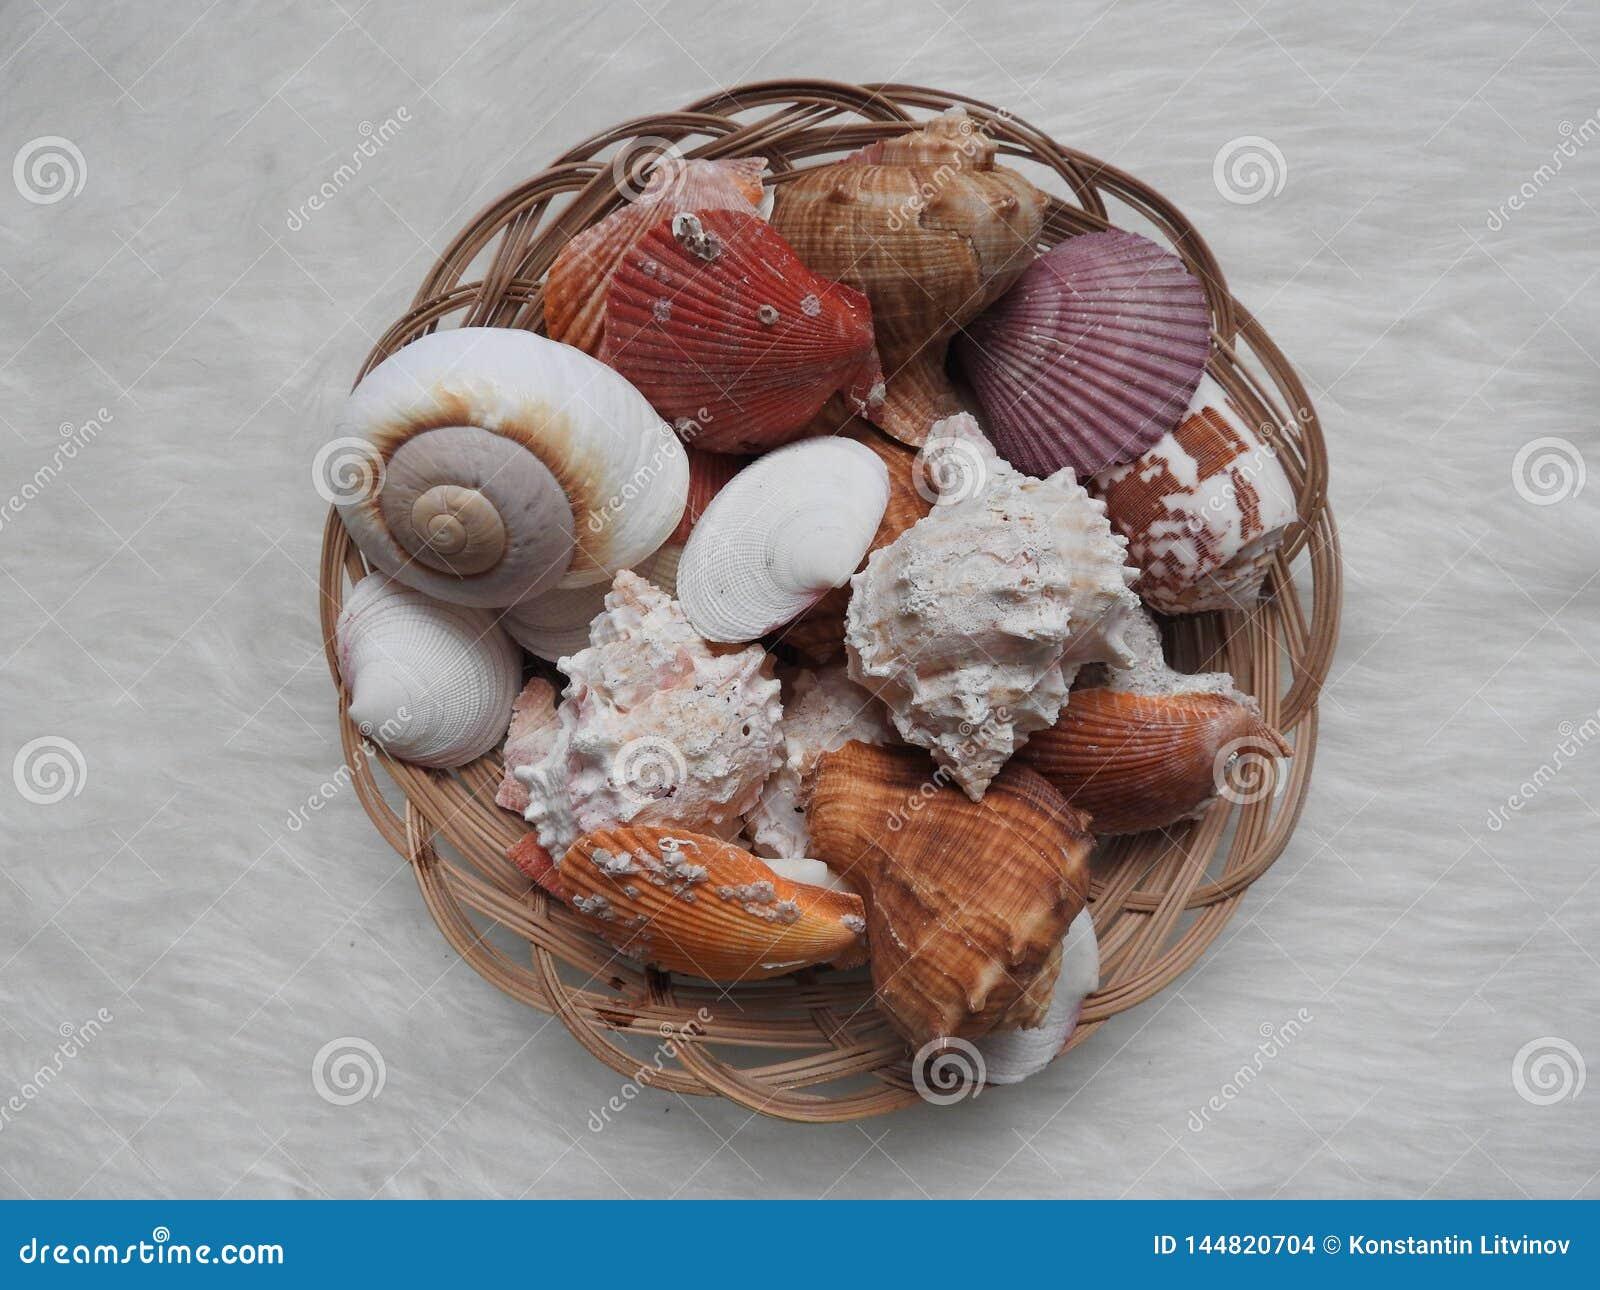 Colecci?n de diverso urcihn de los animales de mar, caracol, d?lar de arena, c?scara, cangrejo en blanco